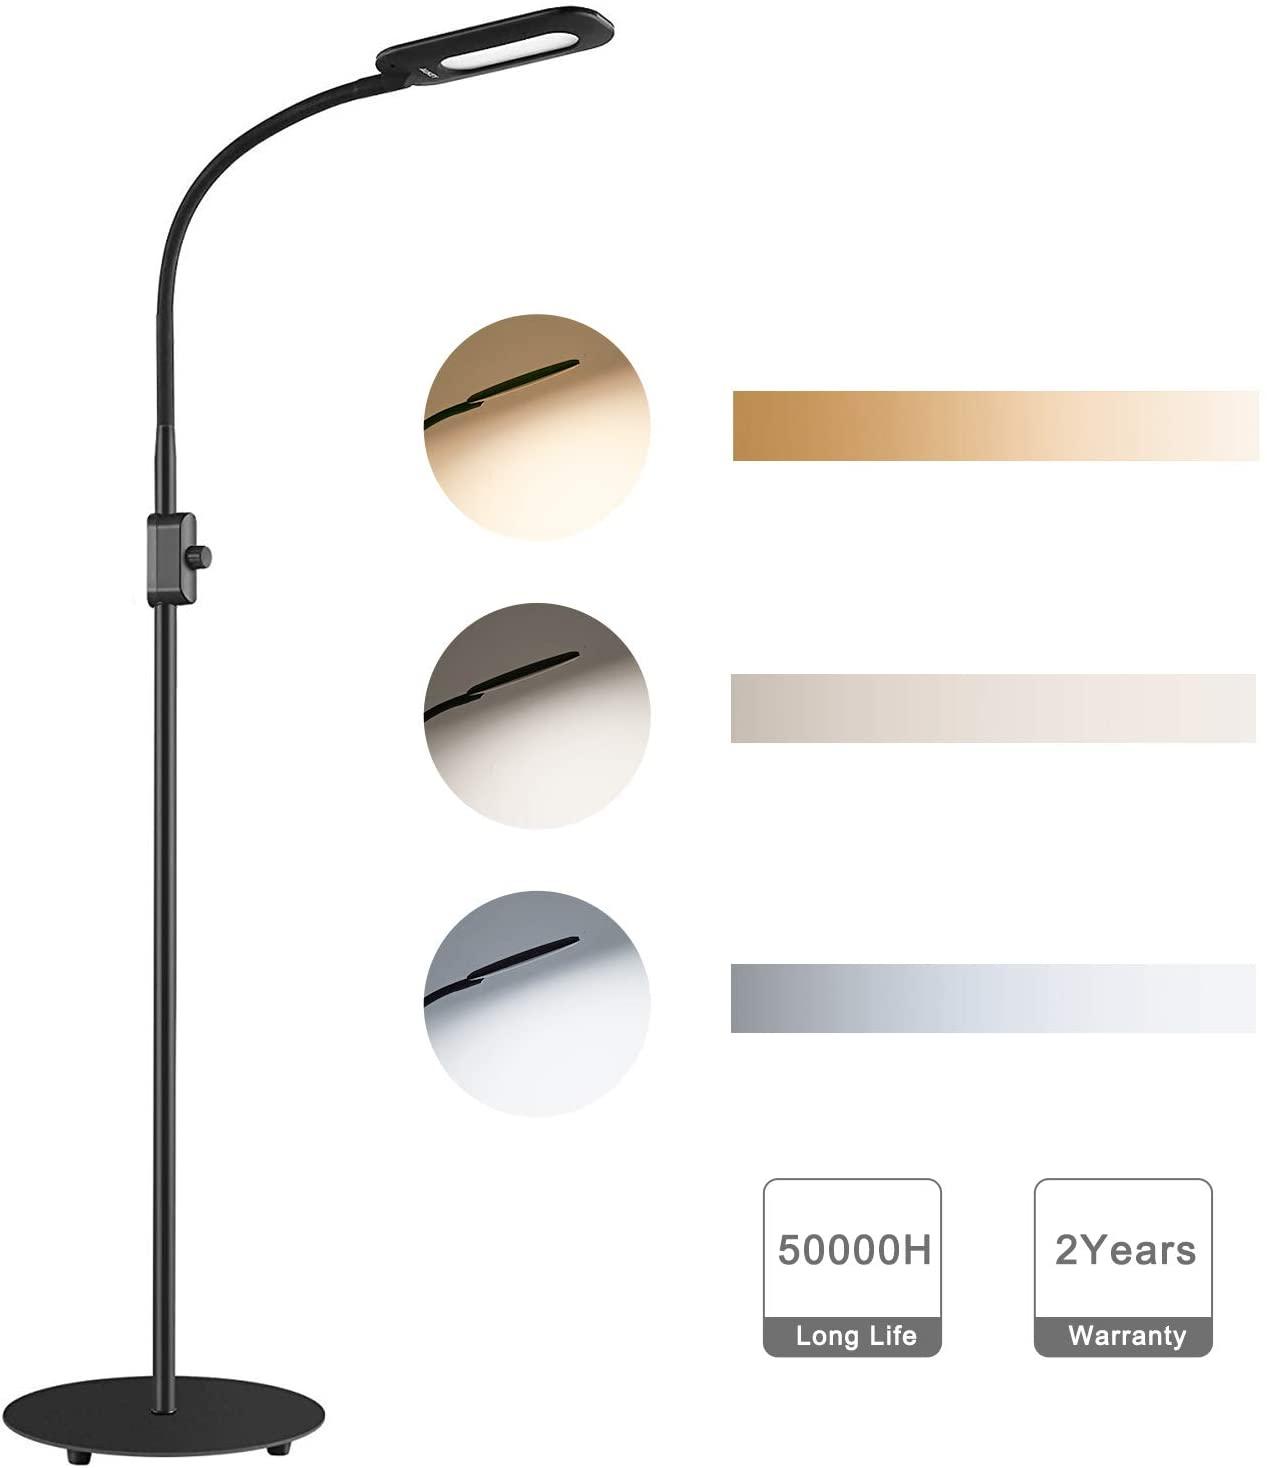 AUKEY Lámpara de Pie Regulable con Perilla de Control de Brillo y Cuello Flexible, Lámpara LED Cuidado de Ojos, Luz Blanca Natural para Salon y Dormitorio [Clase de eficiencia energética A]